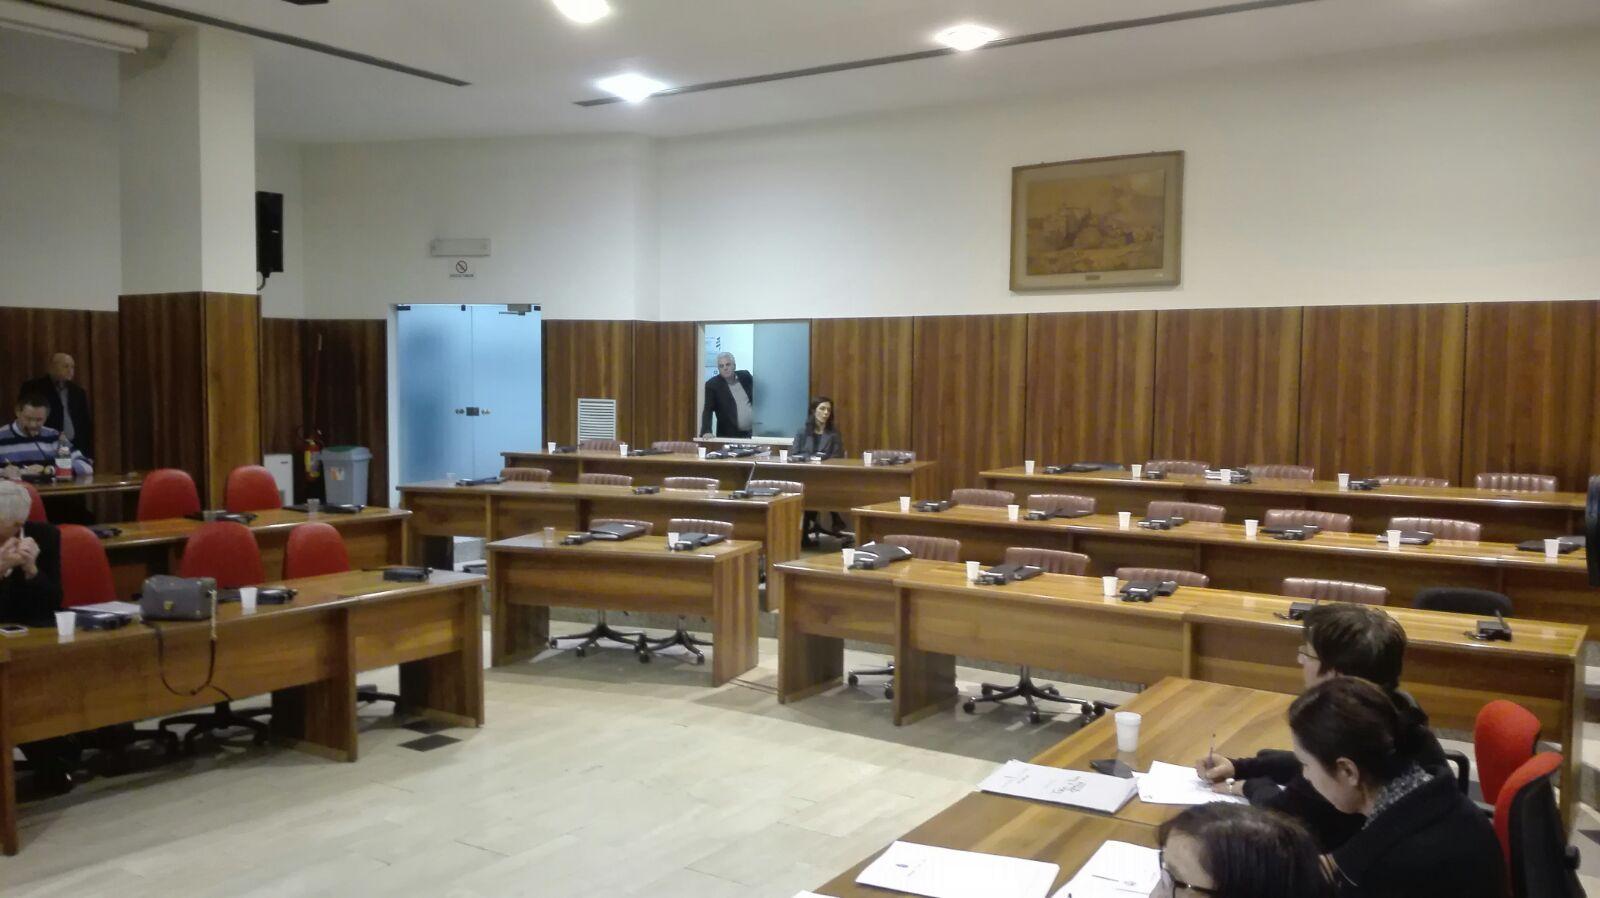 Avellino| Consiglio comunale, scompaiono mozioni e interpellanze: l'opposizione abbandona l'aula